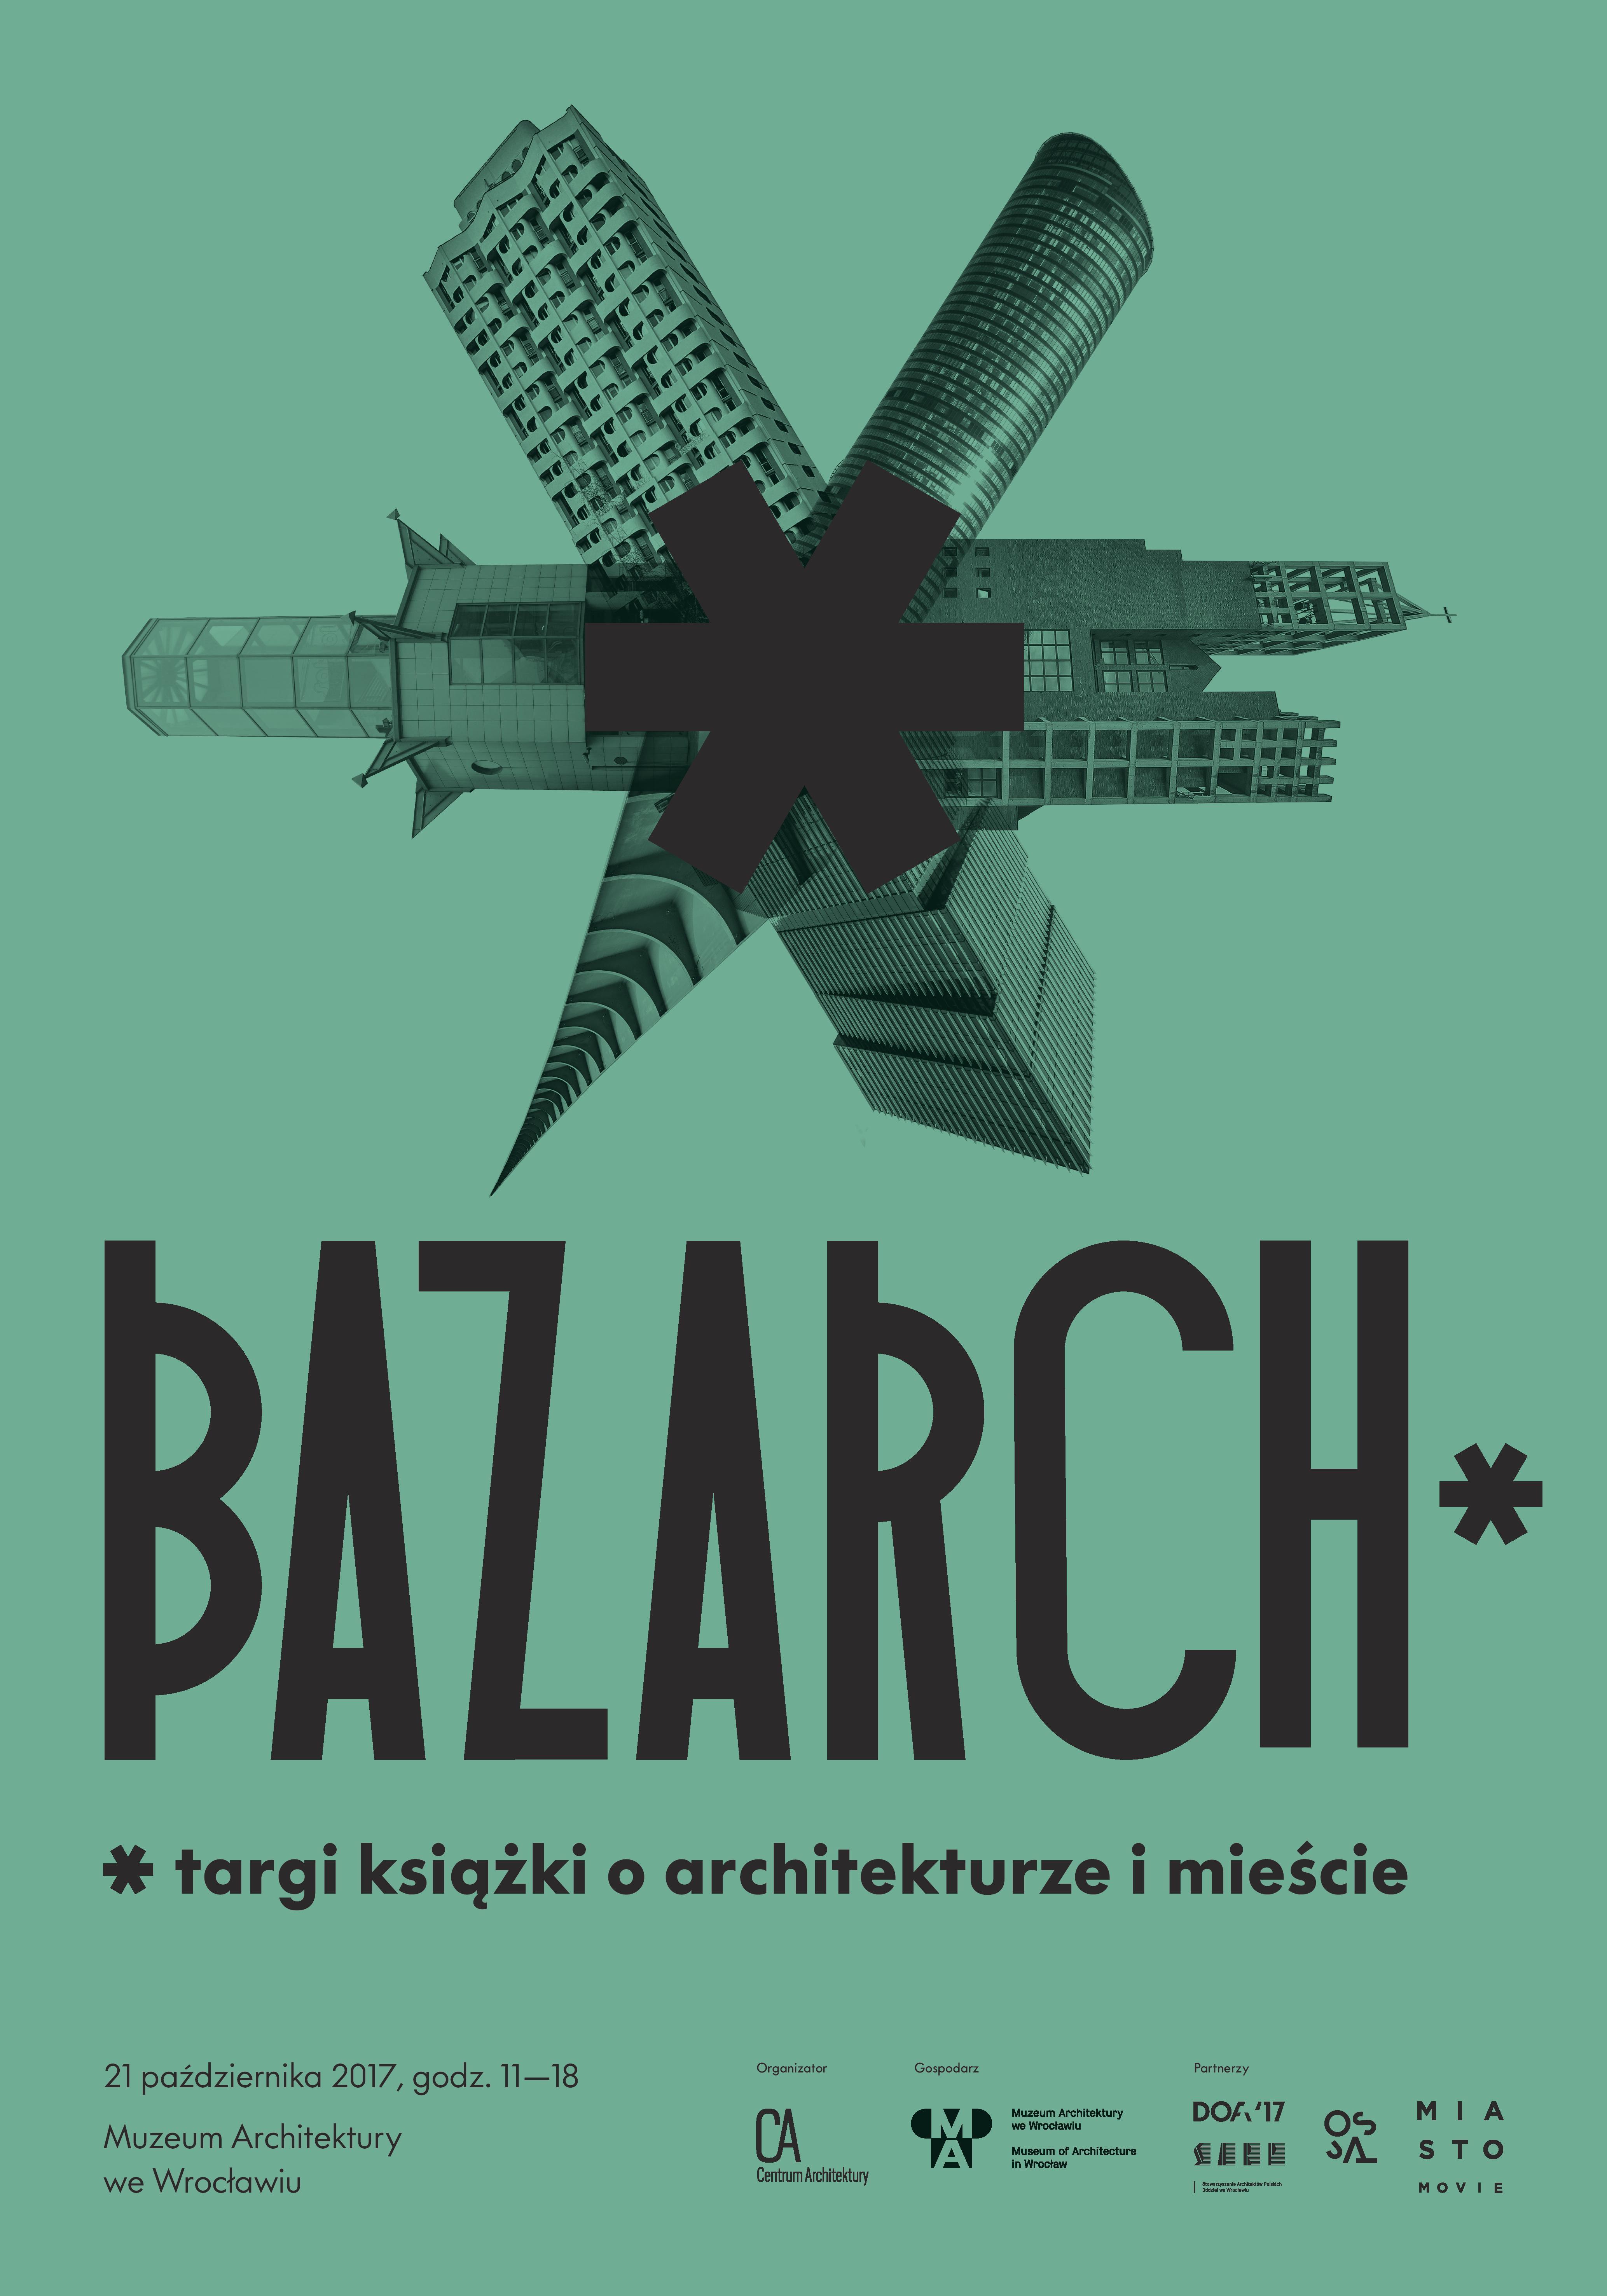 BAZARCH* – plakat (źródło: materiały prasowe organizatora)